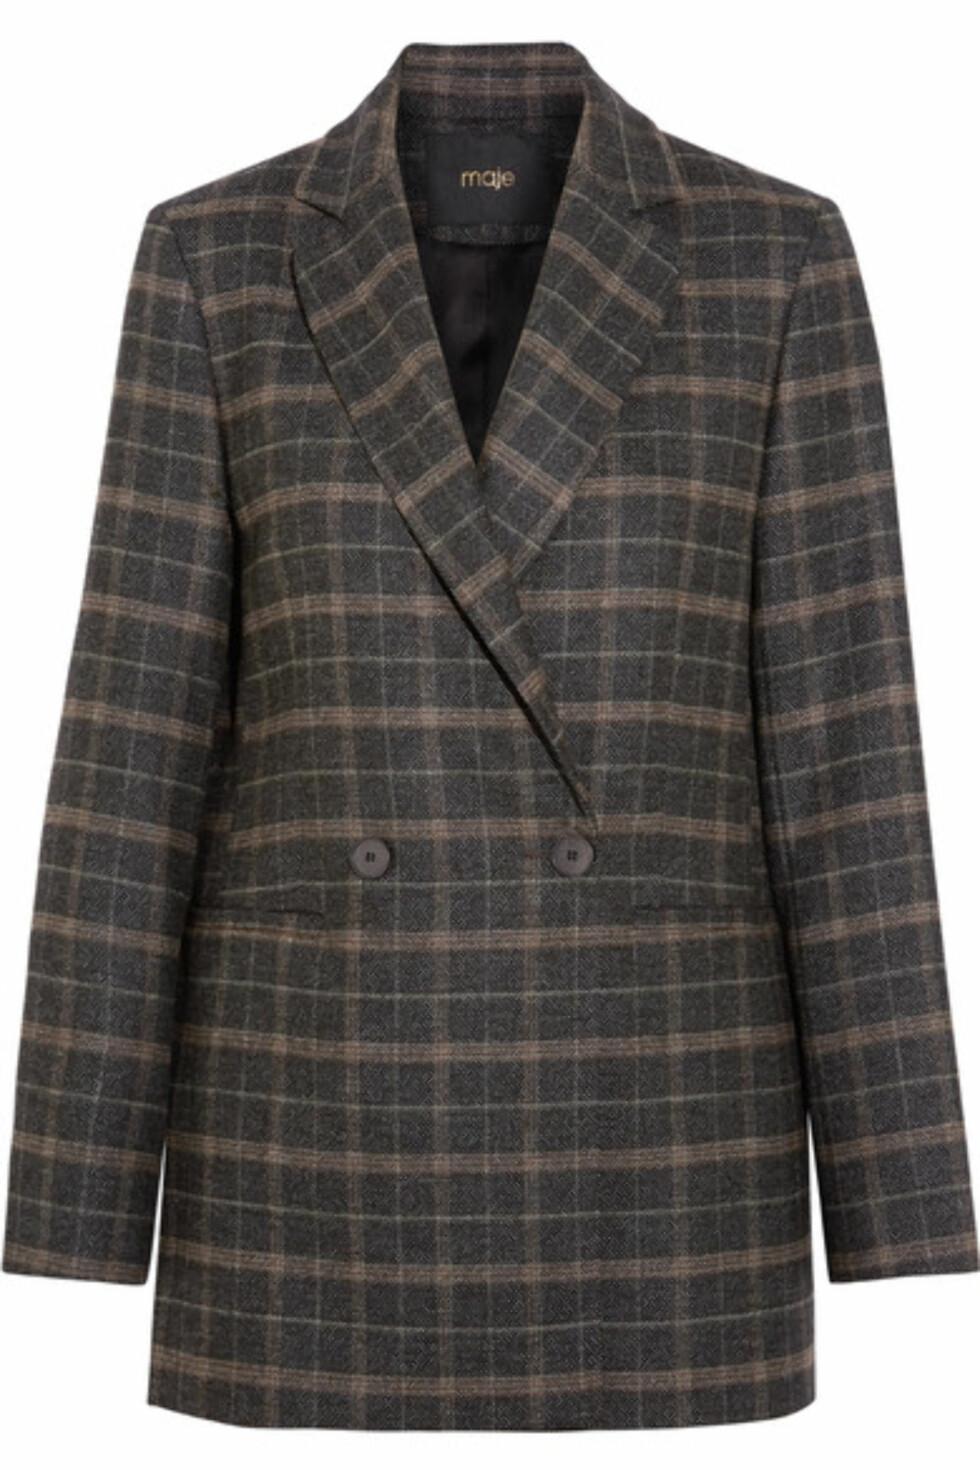 Jakke fra Maje via Net-a-porter.com  4188,-  https://www.net-a-porter.com/no/en/product/945785/maje/checked-stretch-felt-blazer